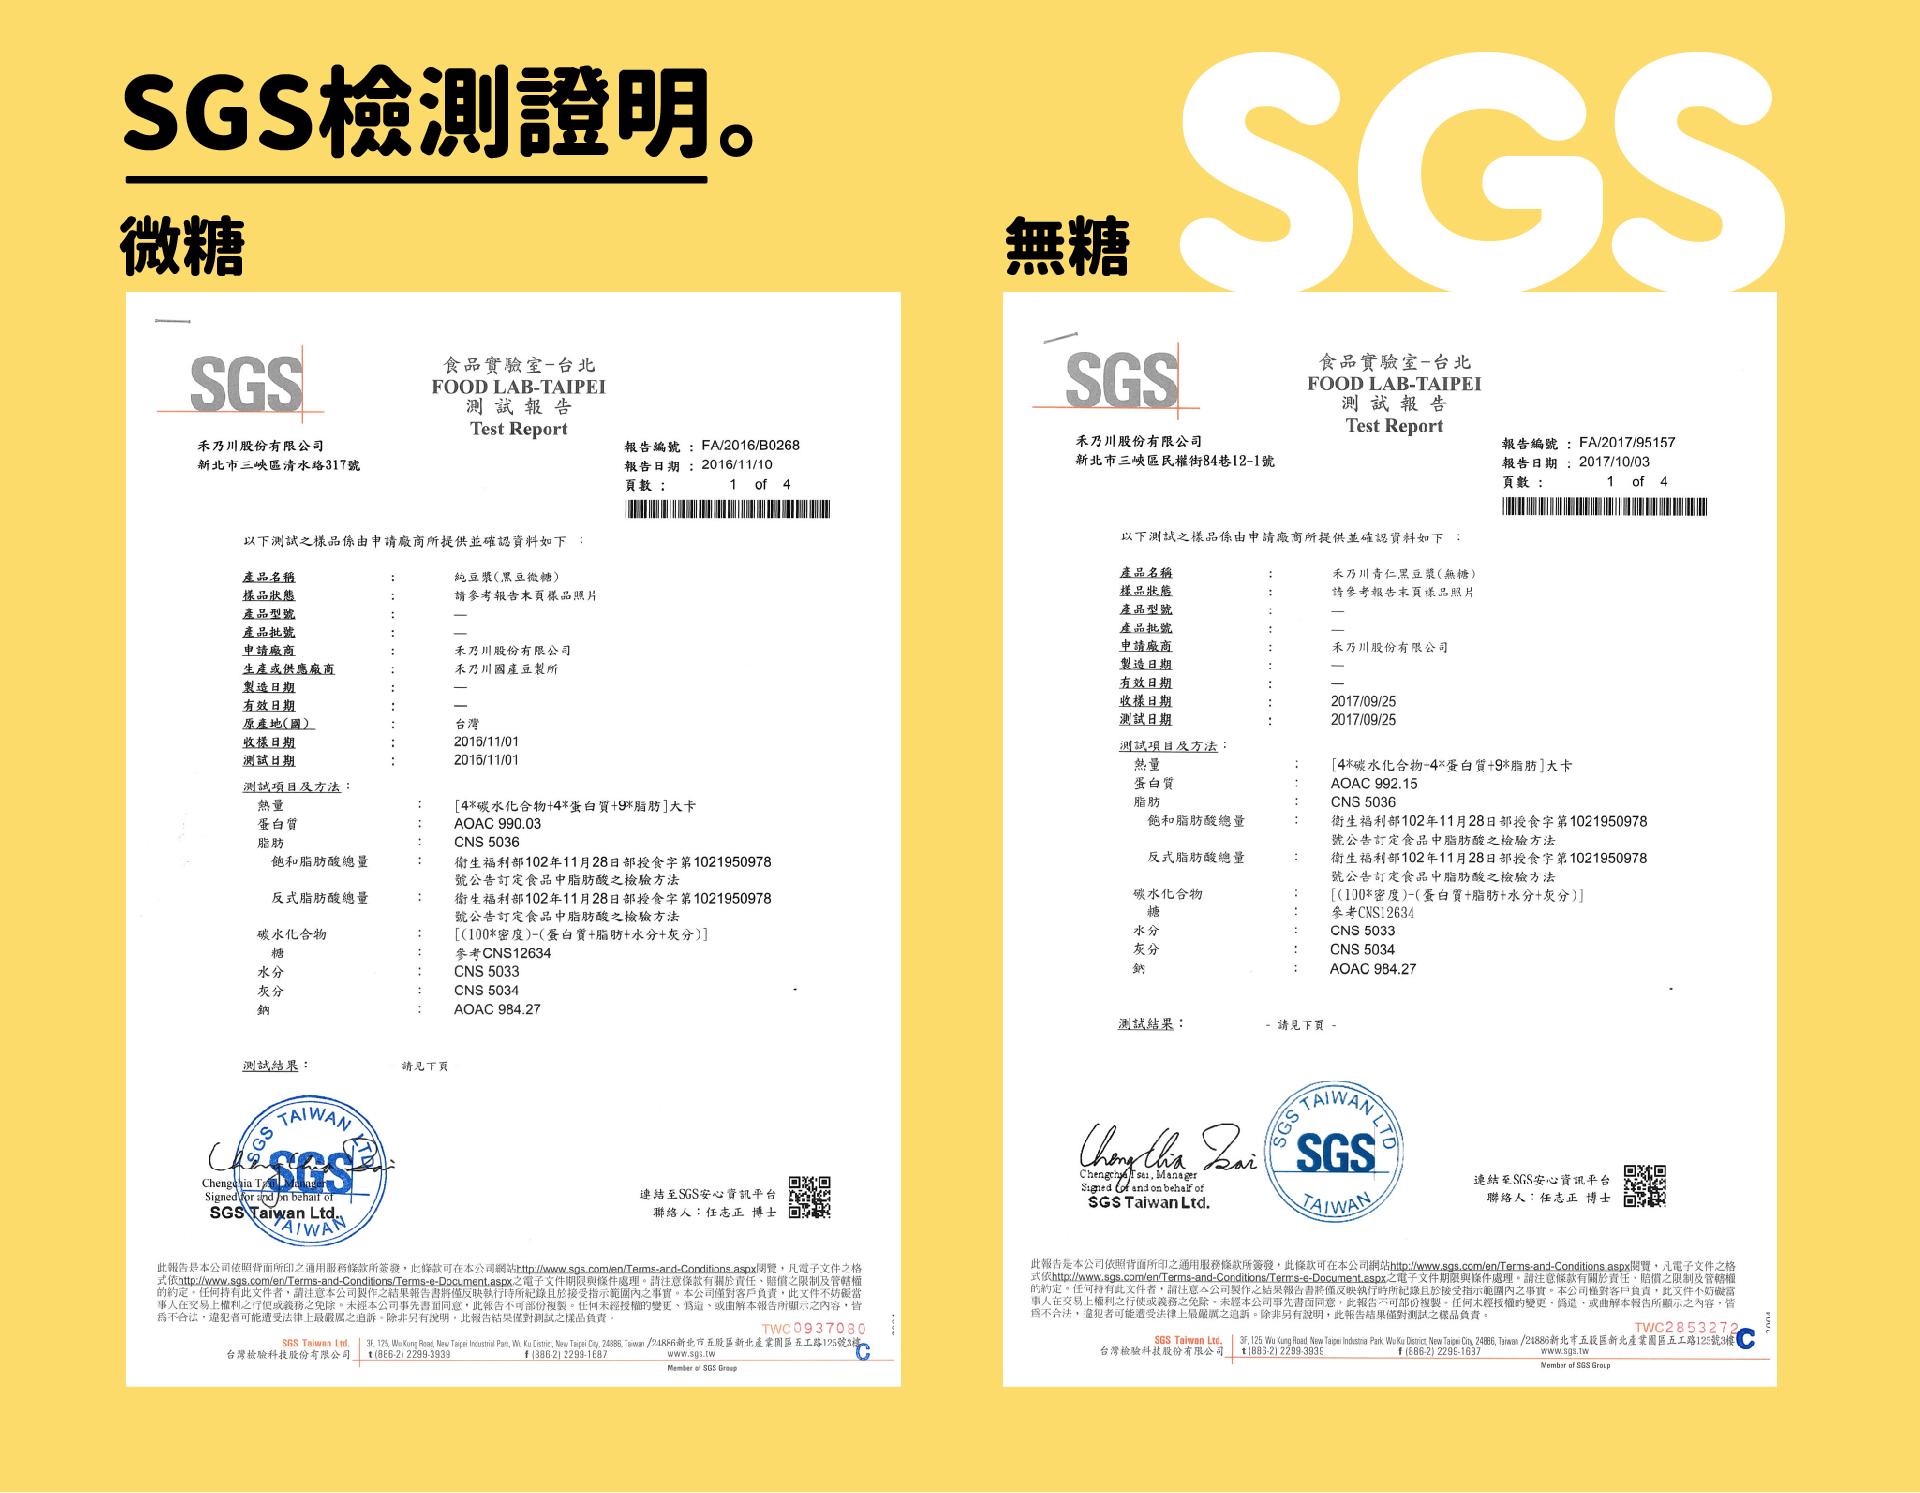 禾乃川SGS檢驗證明 - 純濃黑豆漿 - 友善農法耕作